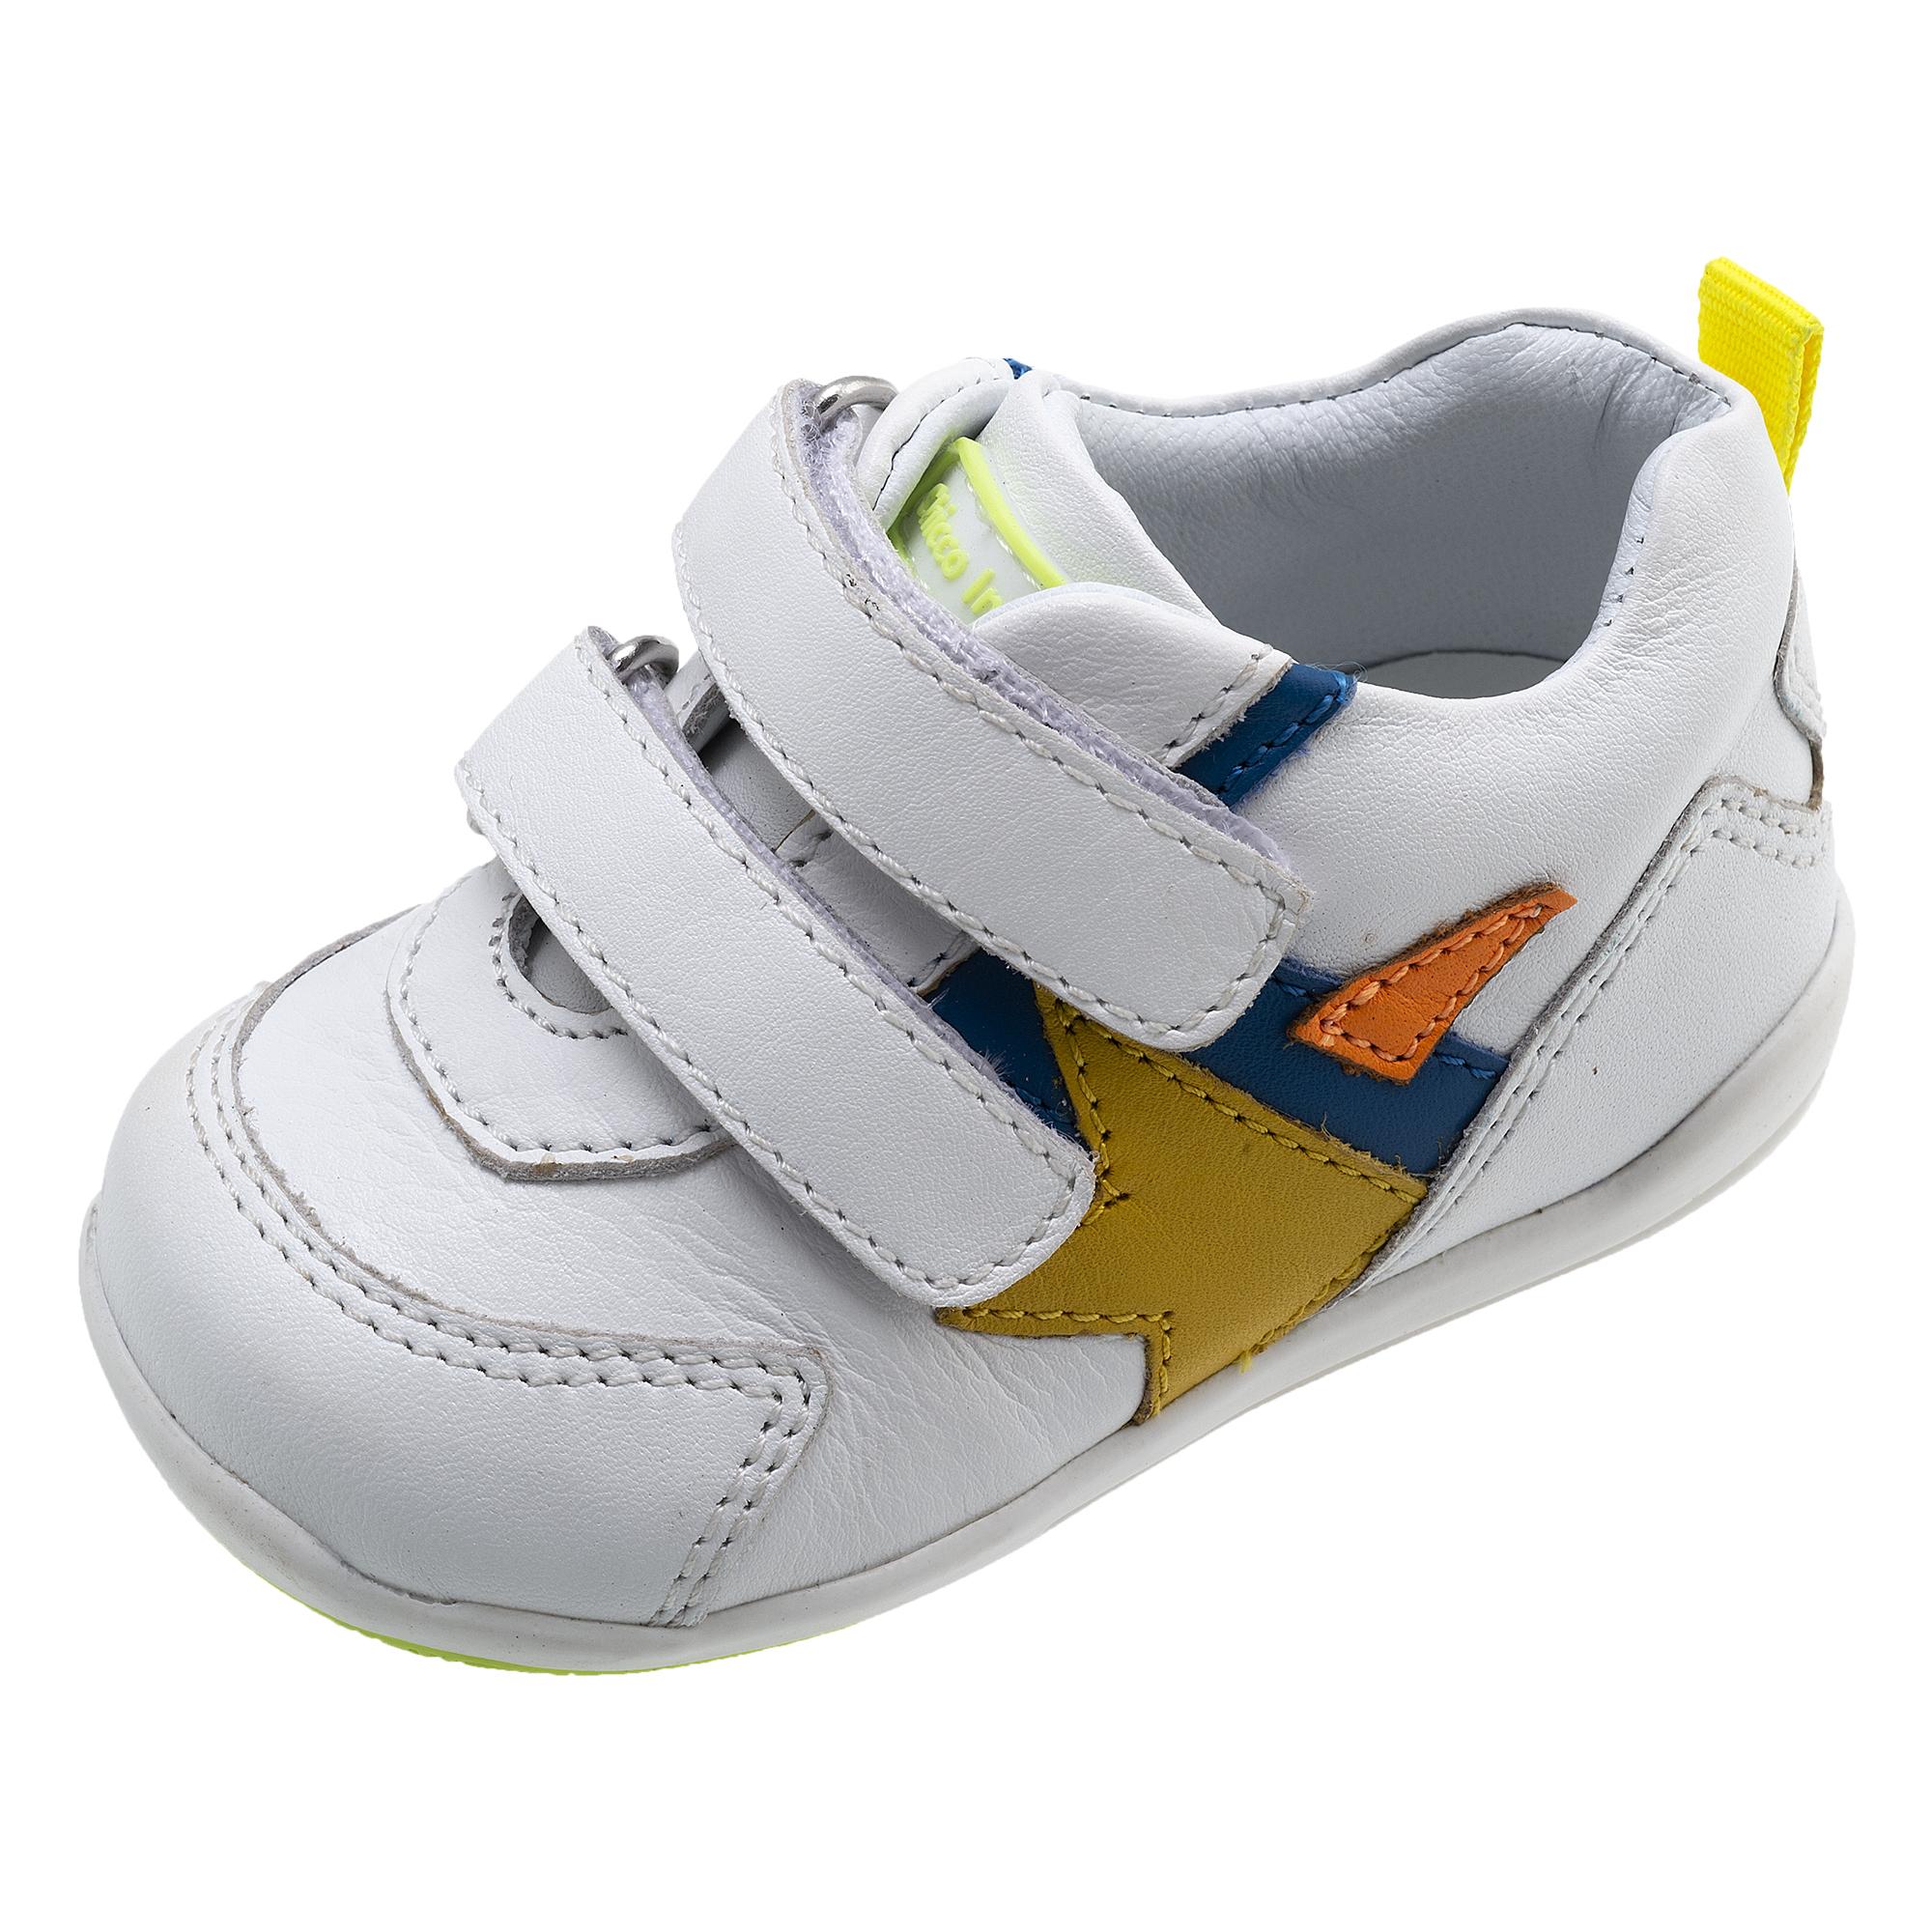 Adidasi Copii Chicco Giubbio, Alb, 63454 imagine